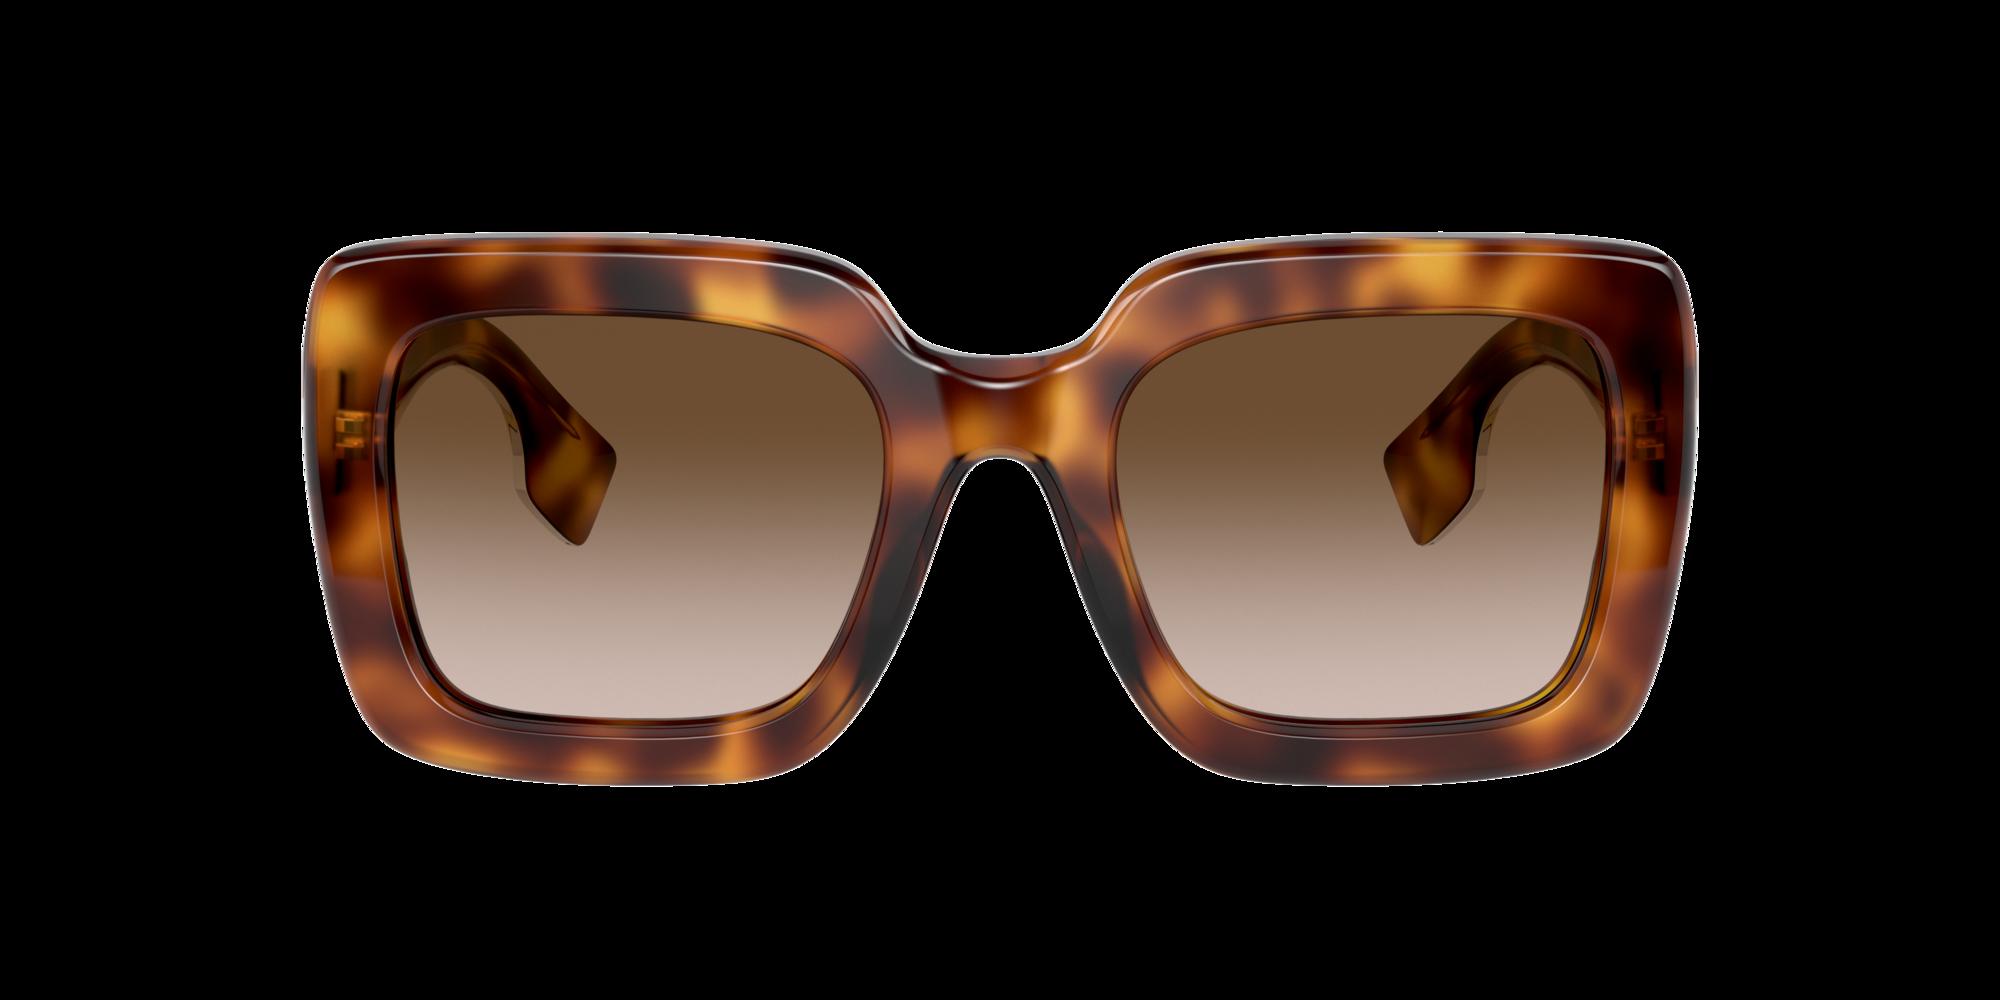 Imagen para BE4284 52 de LensCrafters |  Espejuelos, espejuelos graduados en línea, gafas